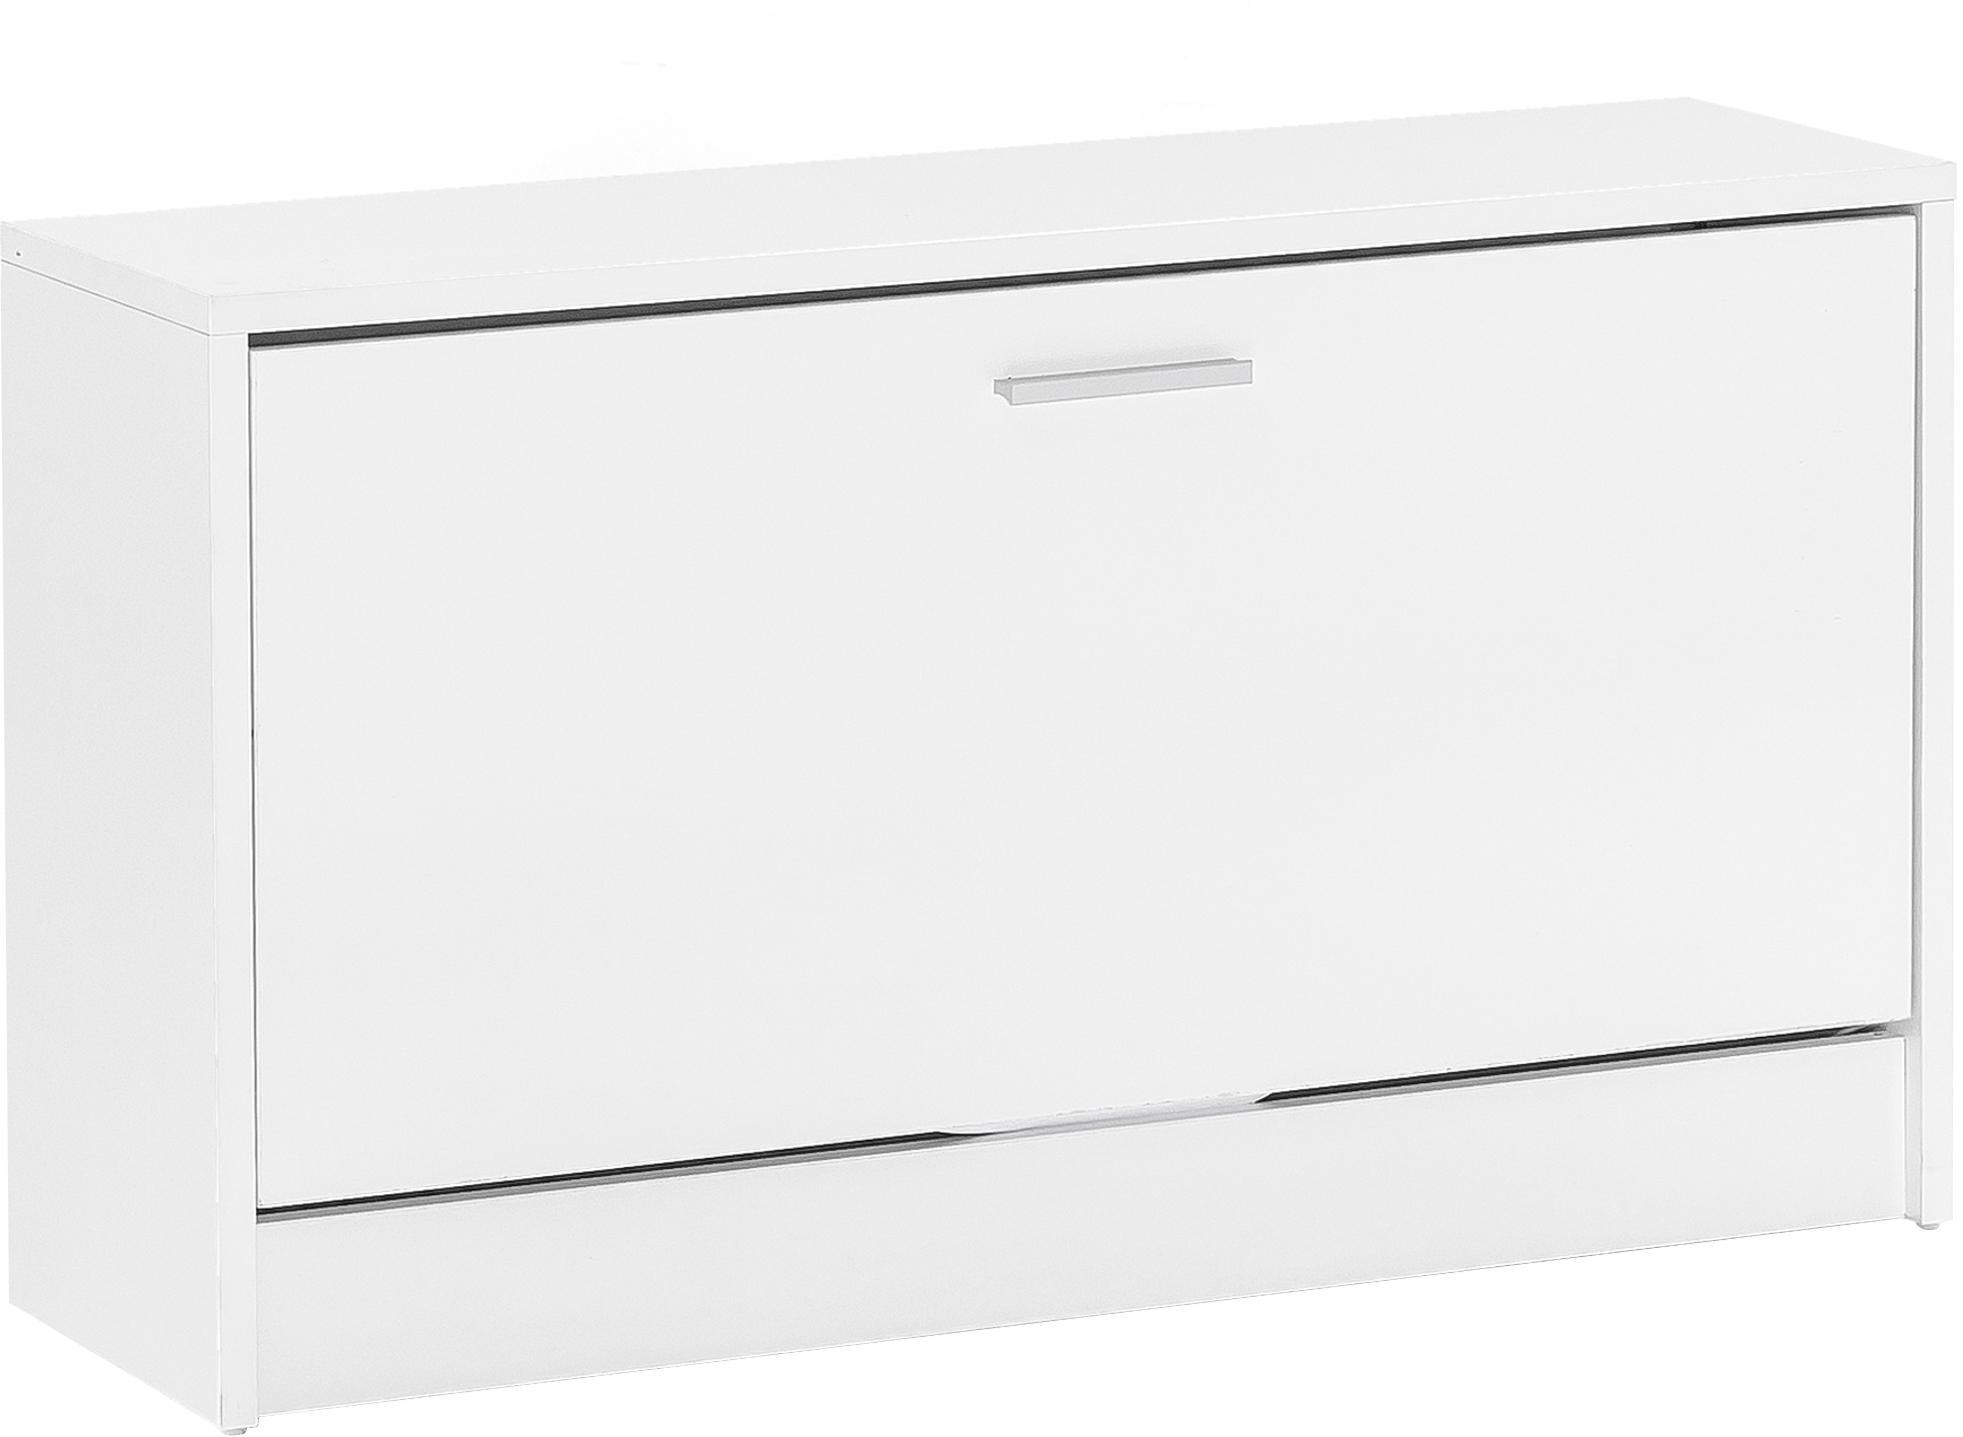 Zapatero Zoey, Aglomerado recubierto de melamina, Blanco, An 80 x Al 47 cm